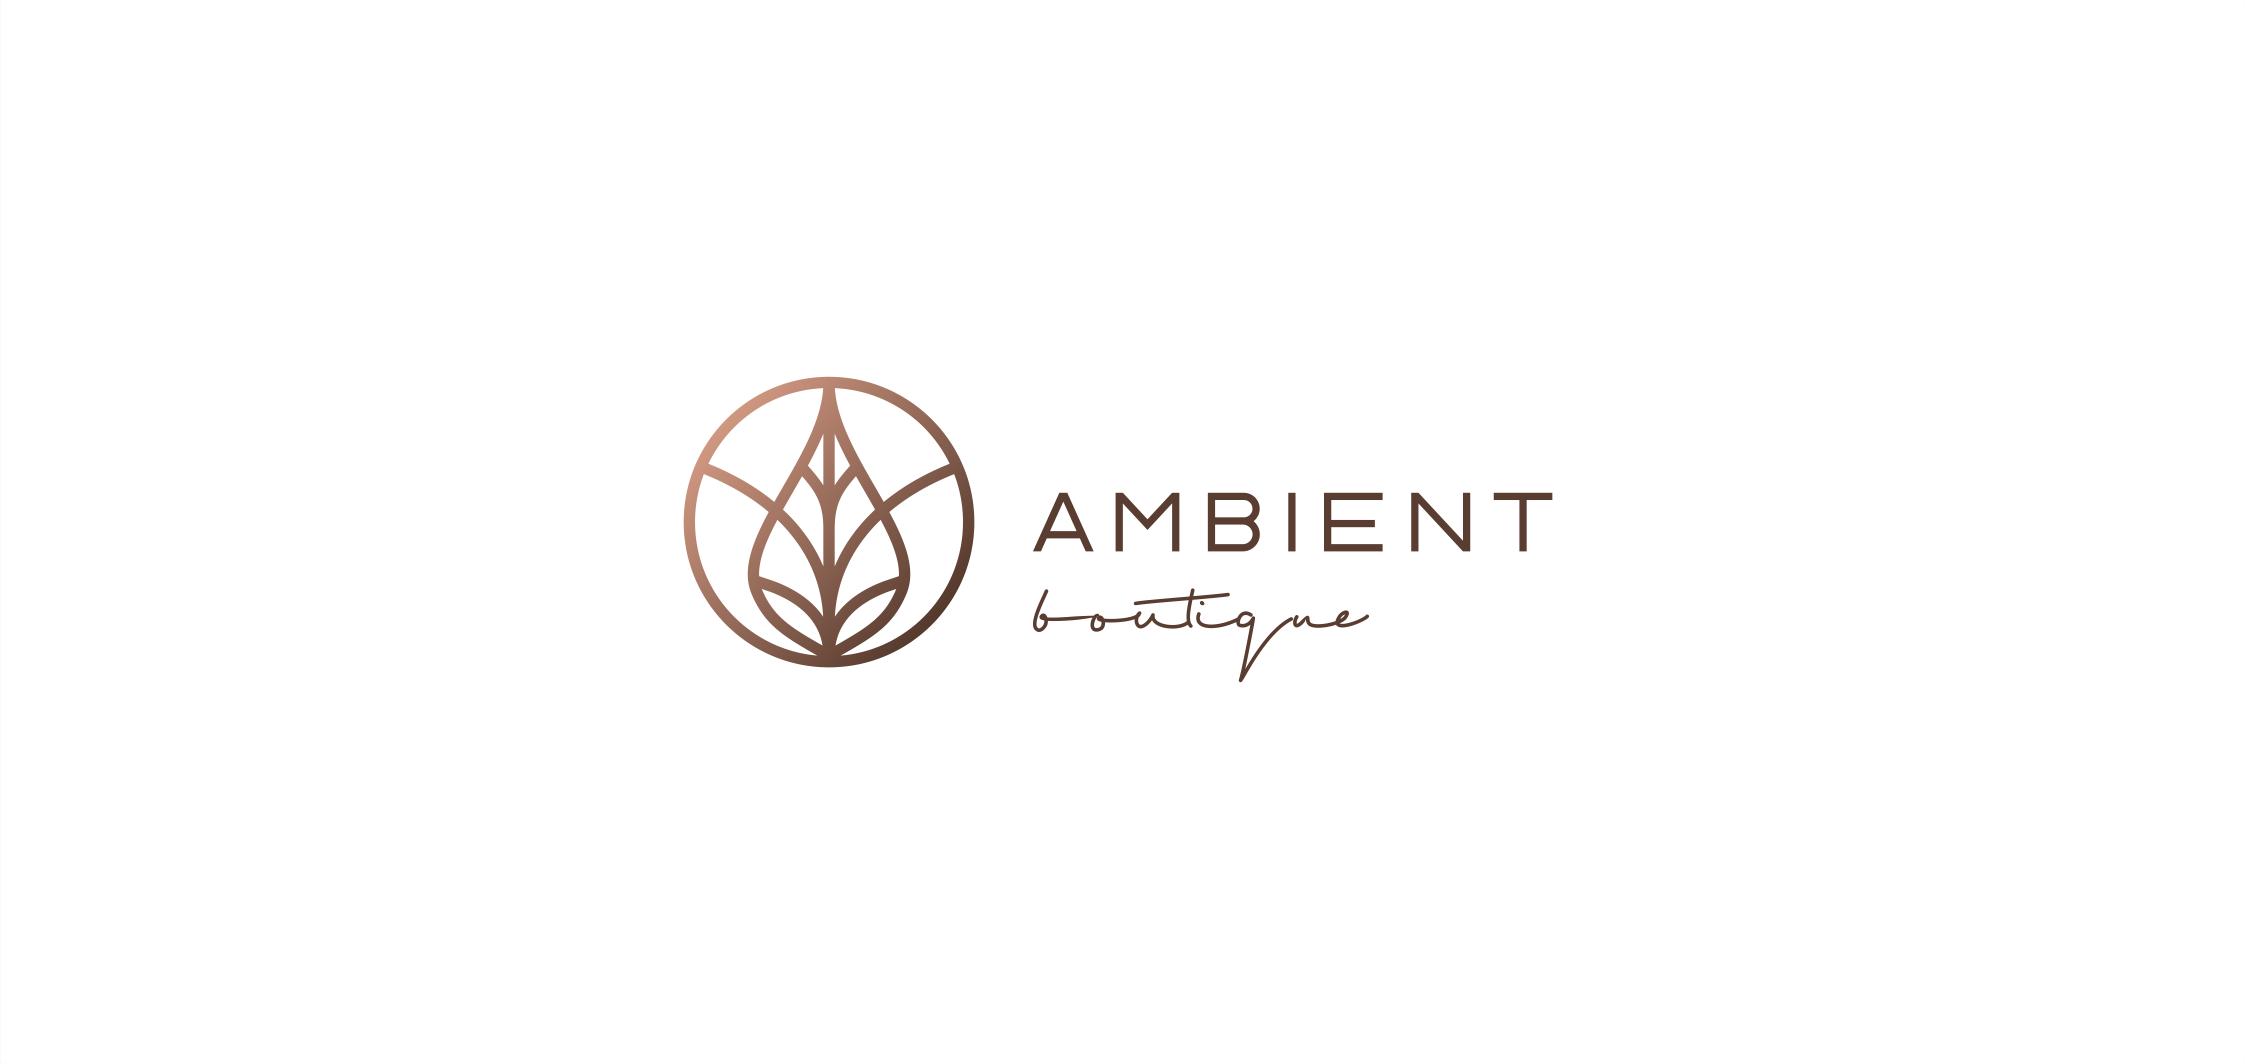 abmient boutique logotipas parduotuvei